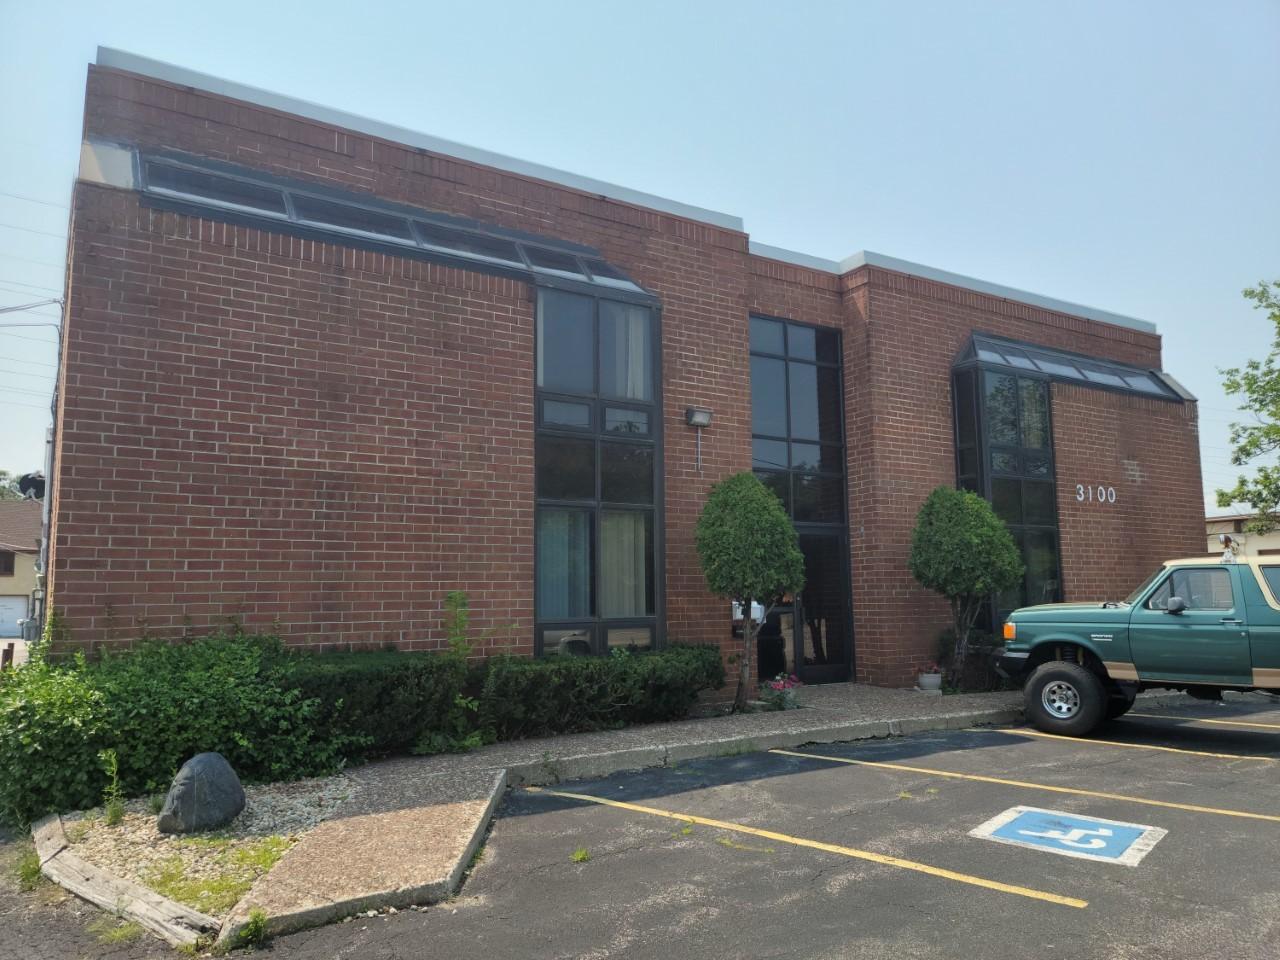 3100 Skokie Valley Road 2S, Highland Park, IL 60035